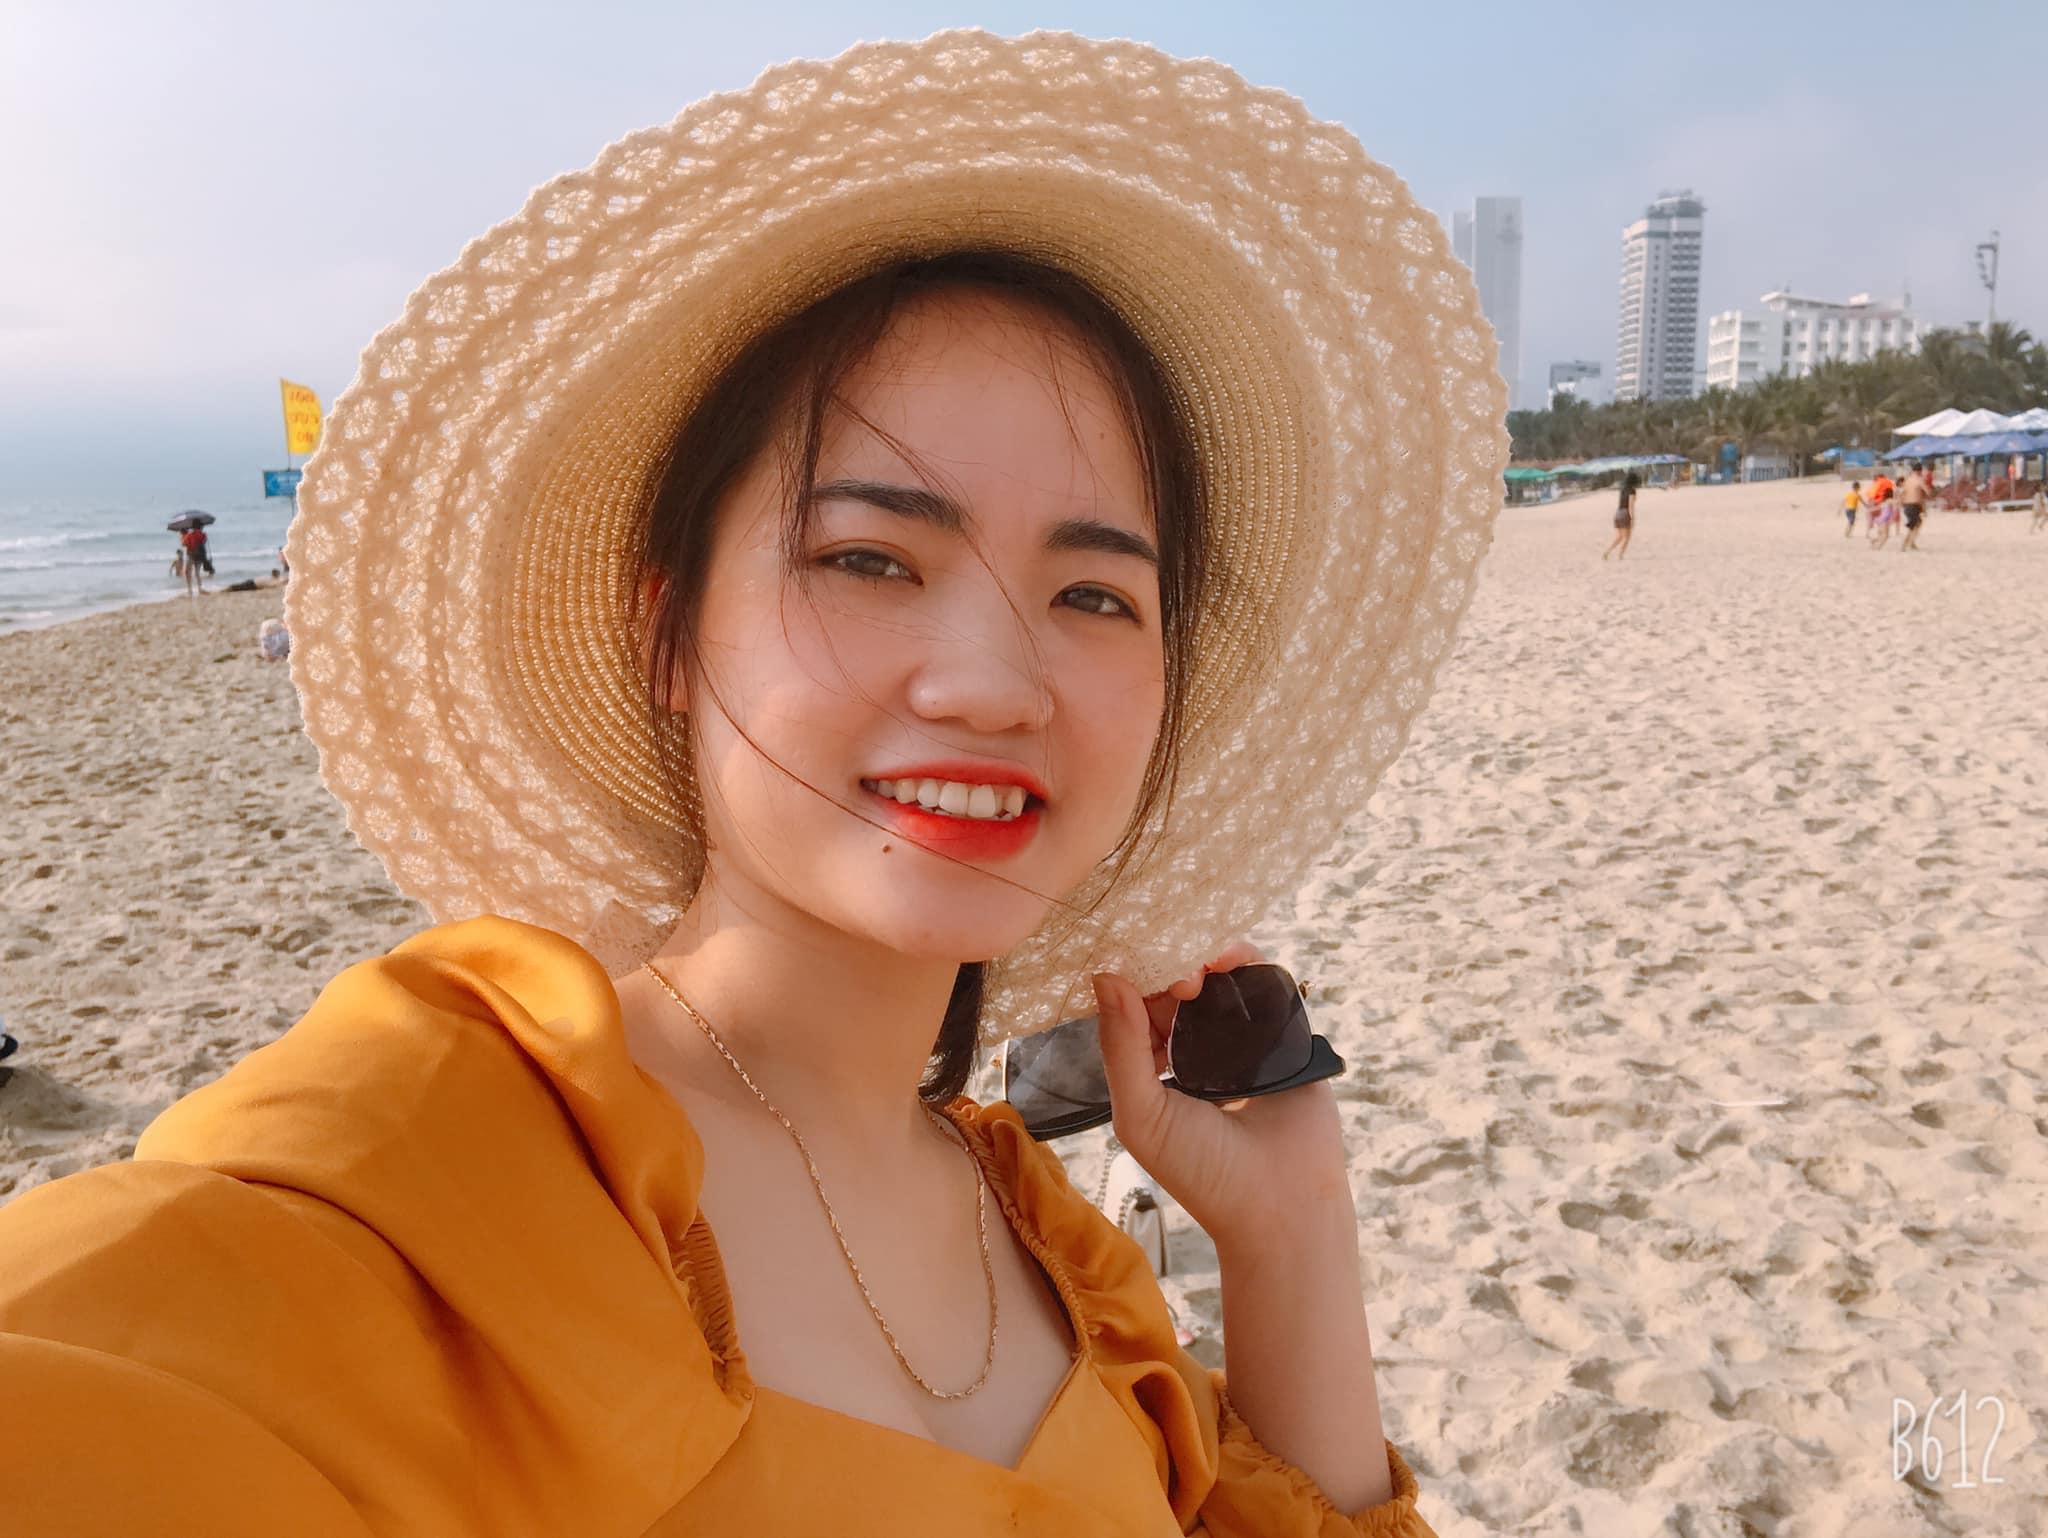 Người đẹp cũng có sở thích đi du lịch, cô mong muốn sẽ có cơ hội đặt chân đến nhiều miền đất mới để hiểu thêm về văn hóa, con người cũng như mở mang vốn sống. Bên cạnh đó, cô thích xem thể thao và đặc biệt bóng đá Việt Nam, cô còn là fan của tiền vệ Lương Xuân Trường.